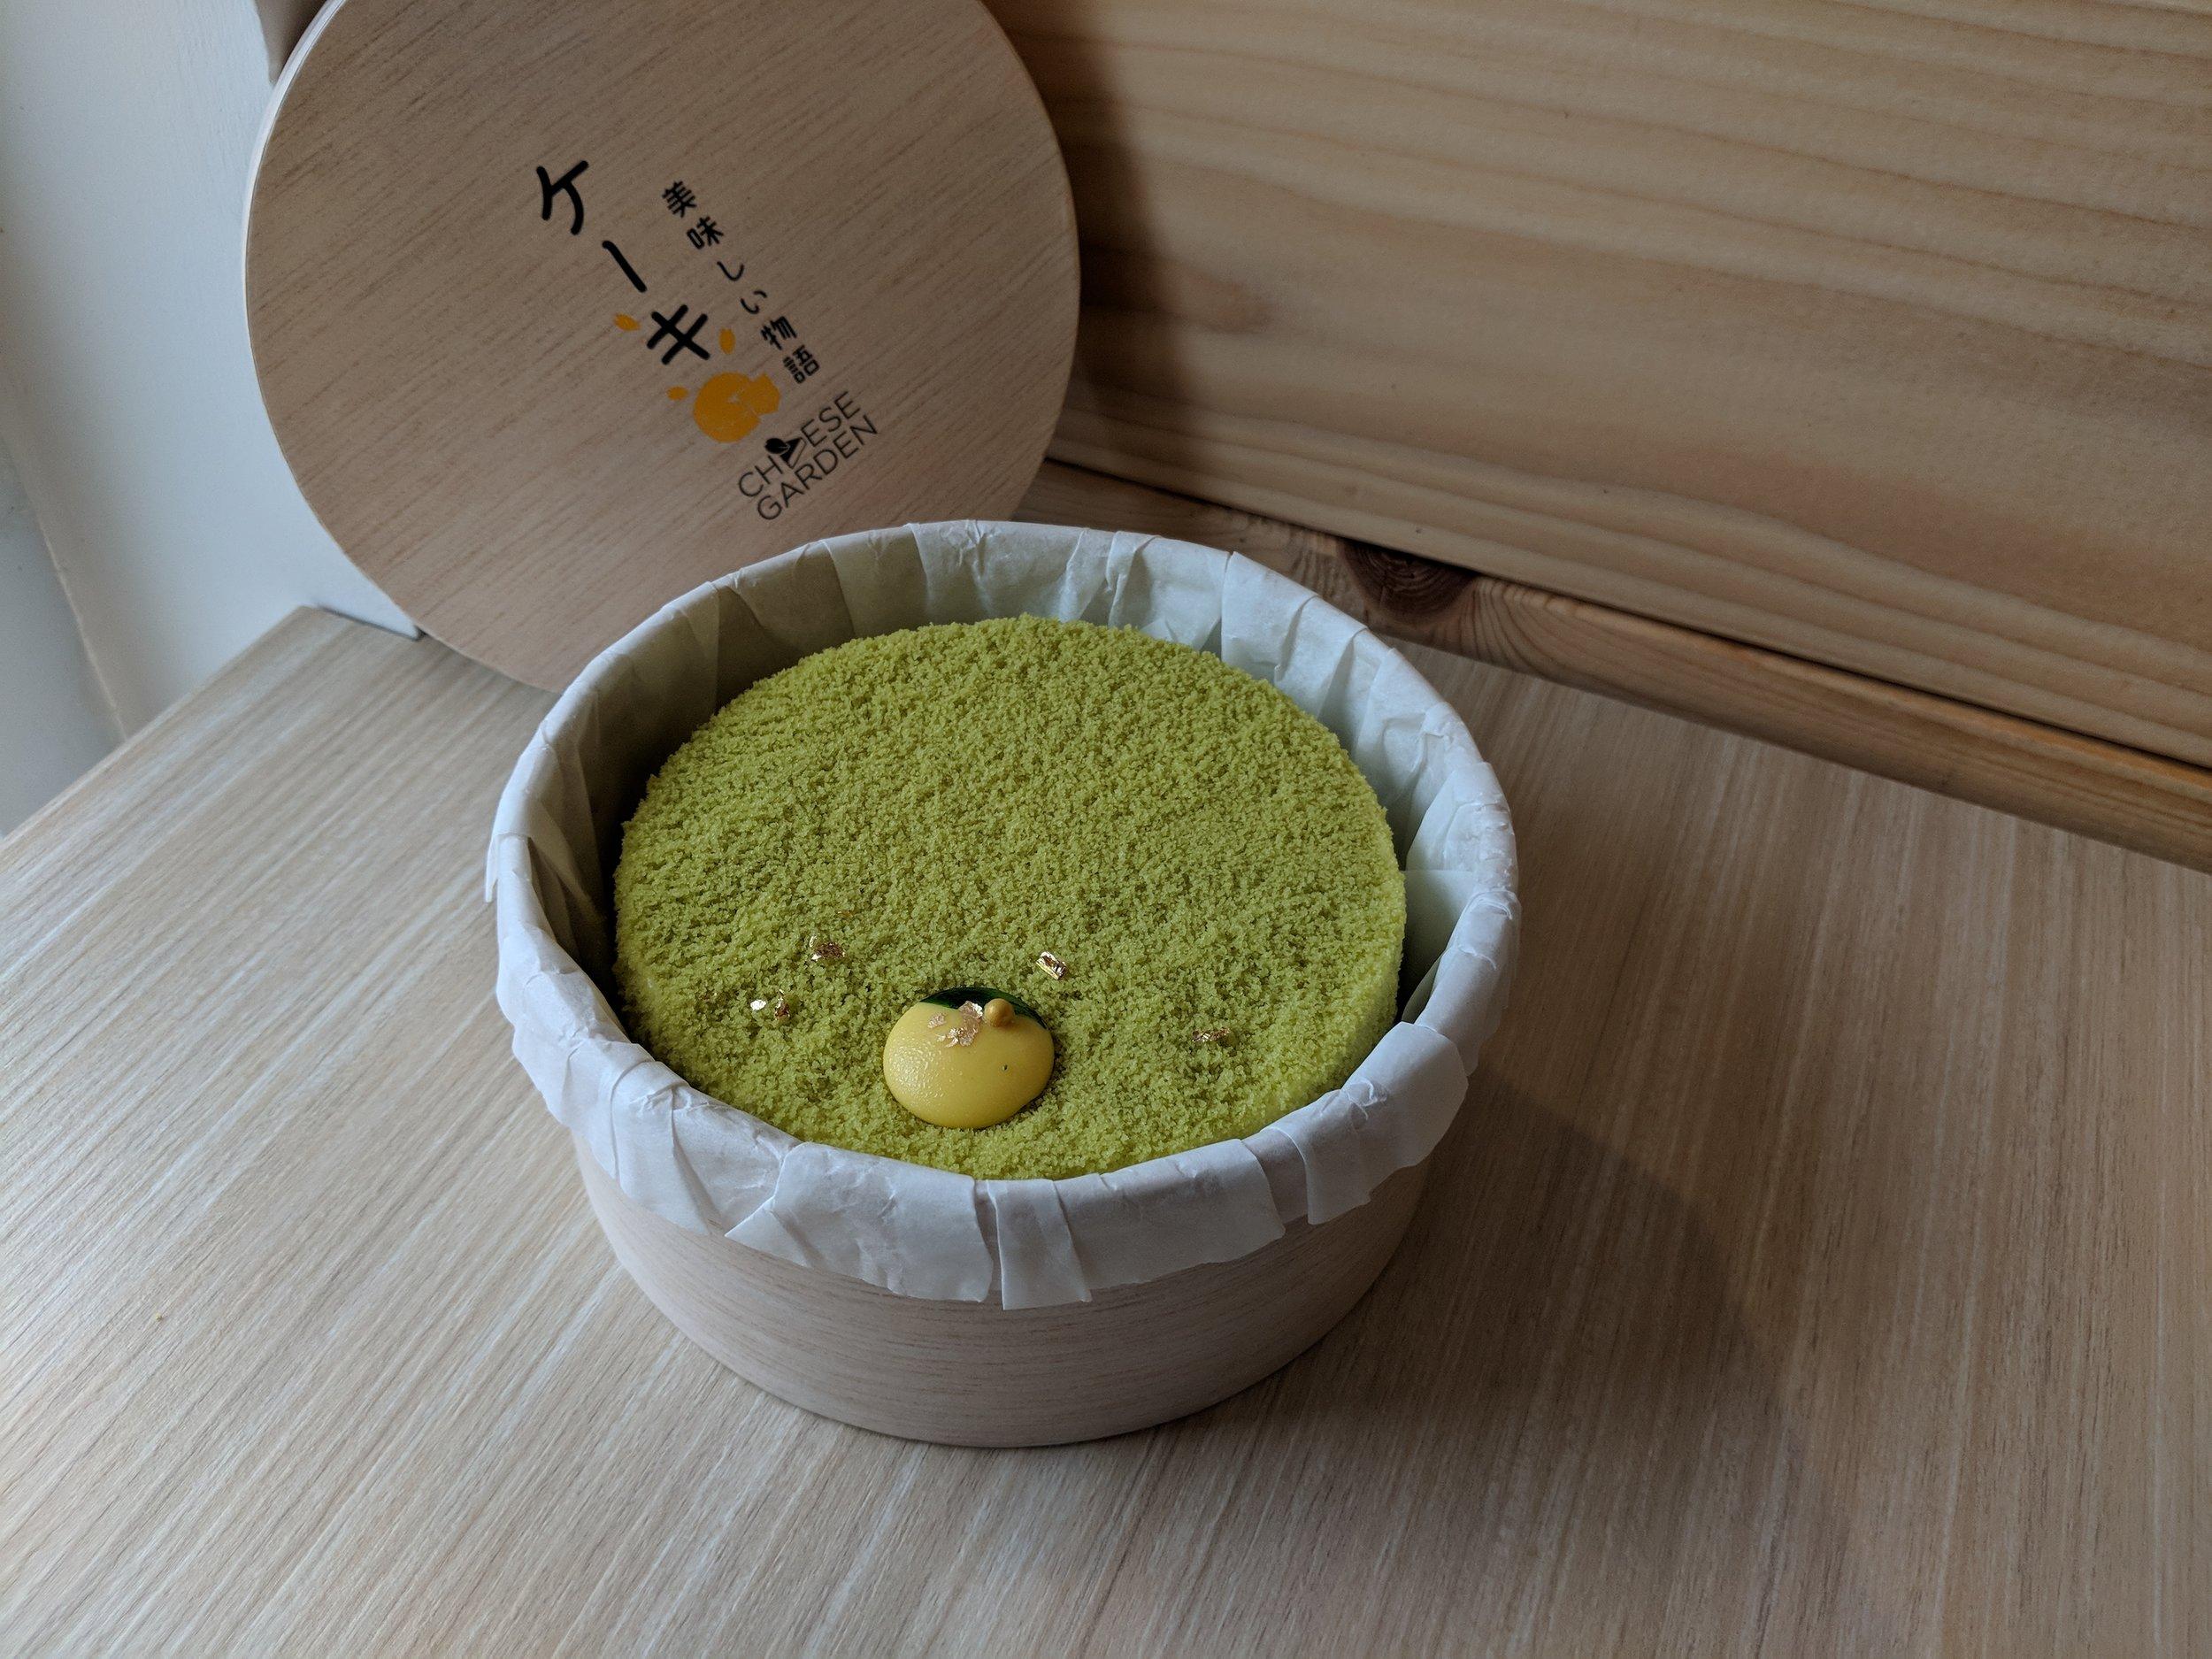 yuzu pistachio cheesecake double fromage cheese garden